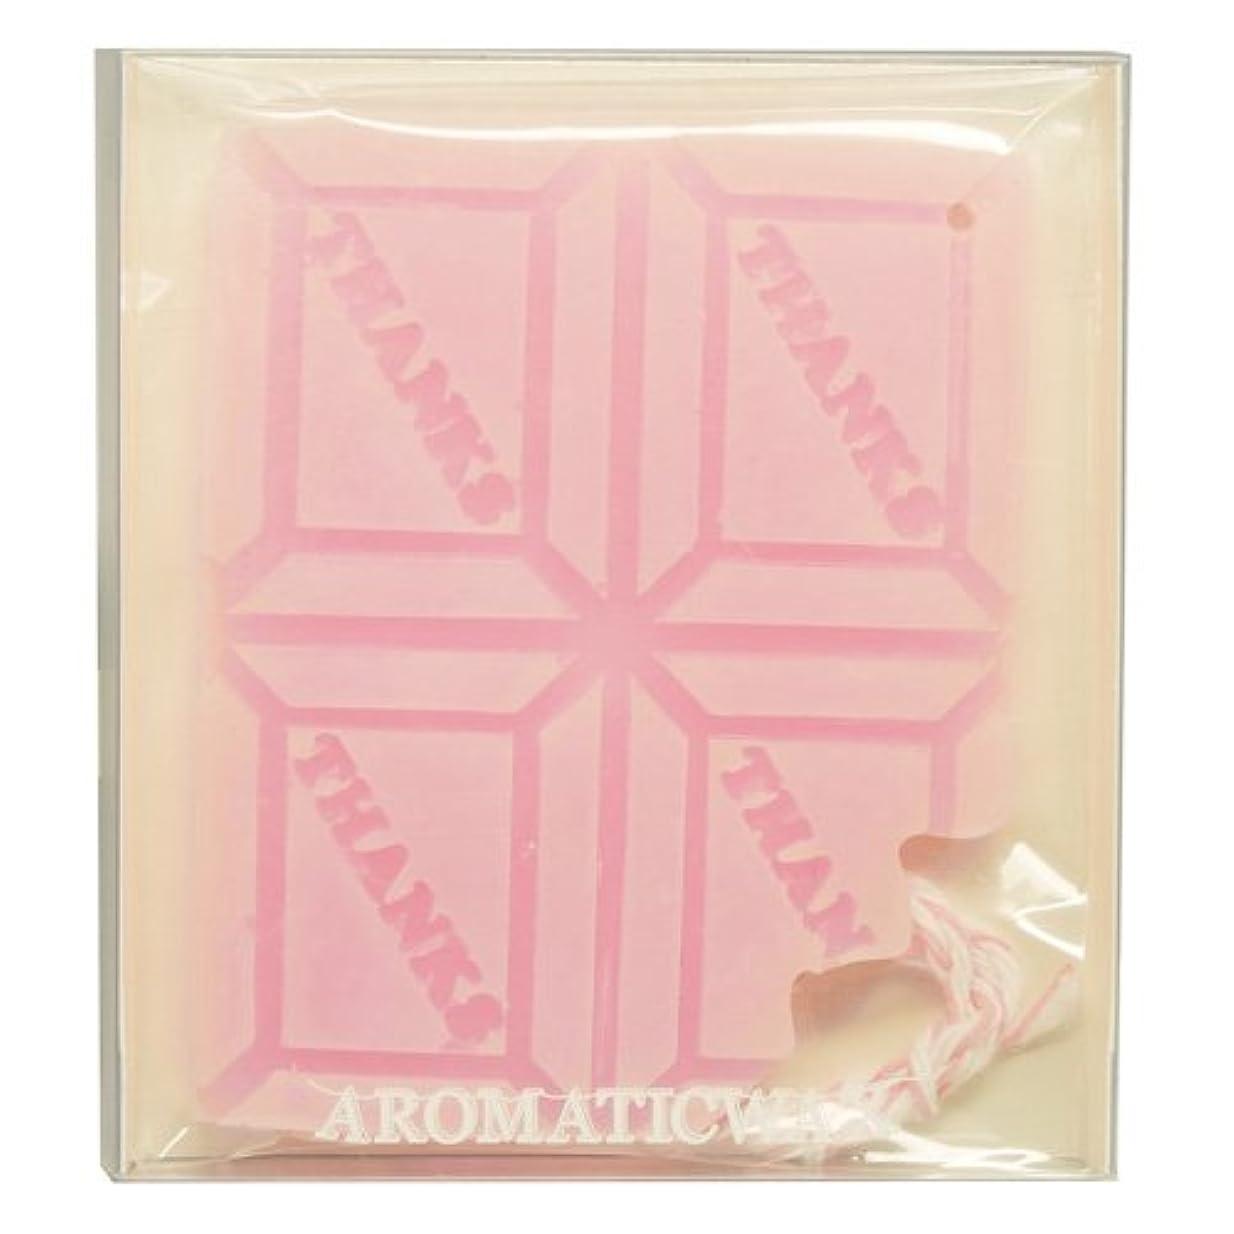 かなりのアルファベット順連帯GRASSE TOKYO AROMATICWAXチャーム「板チョコ(THANKS)」(PI) ゼラニウム アロマティックワックス グラーストウキョウ